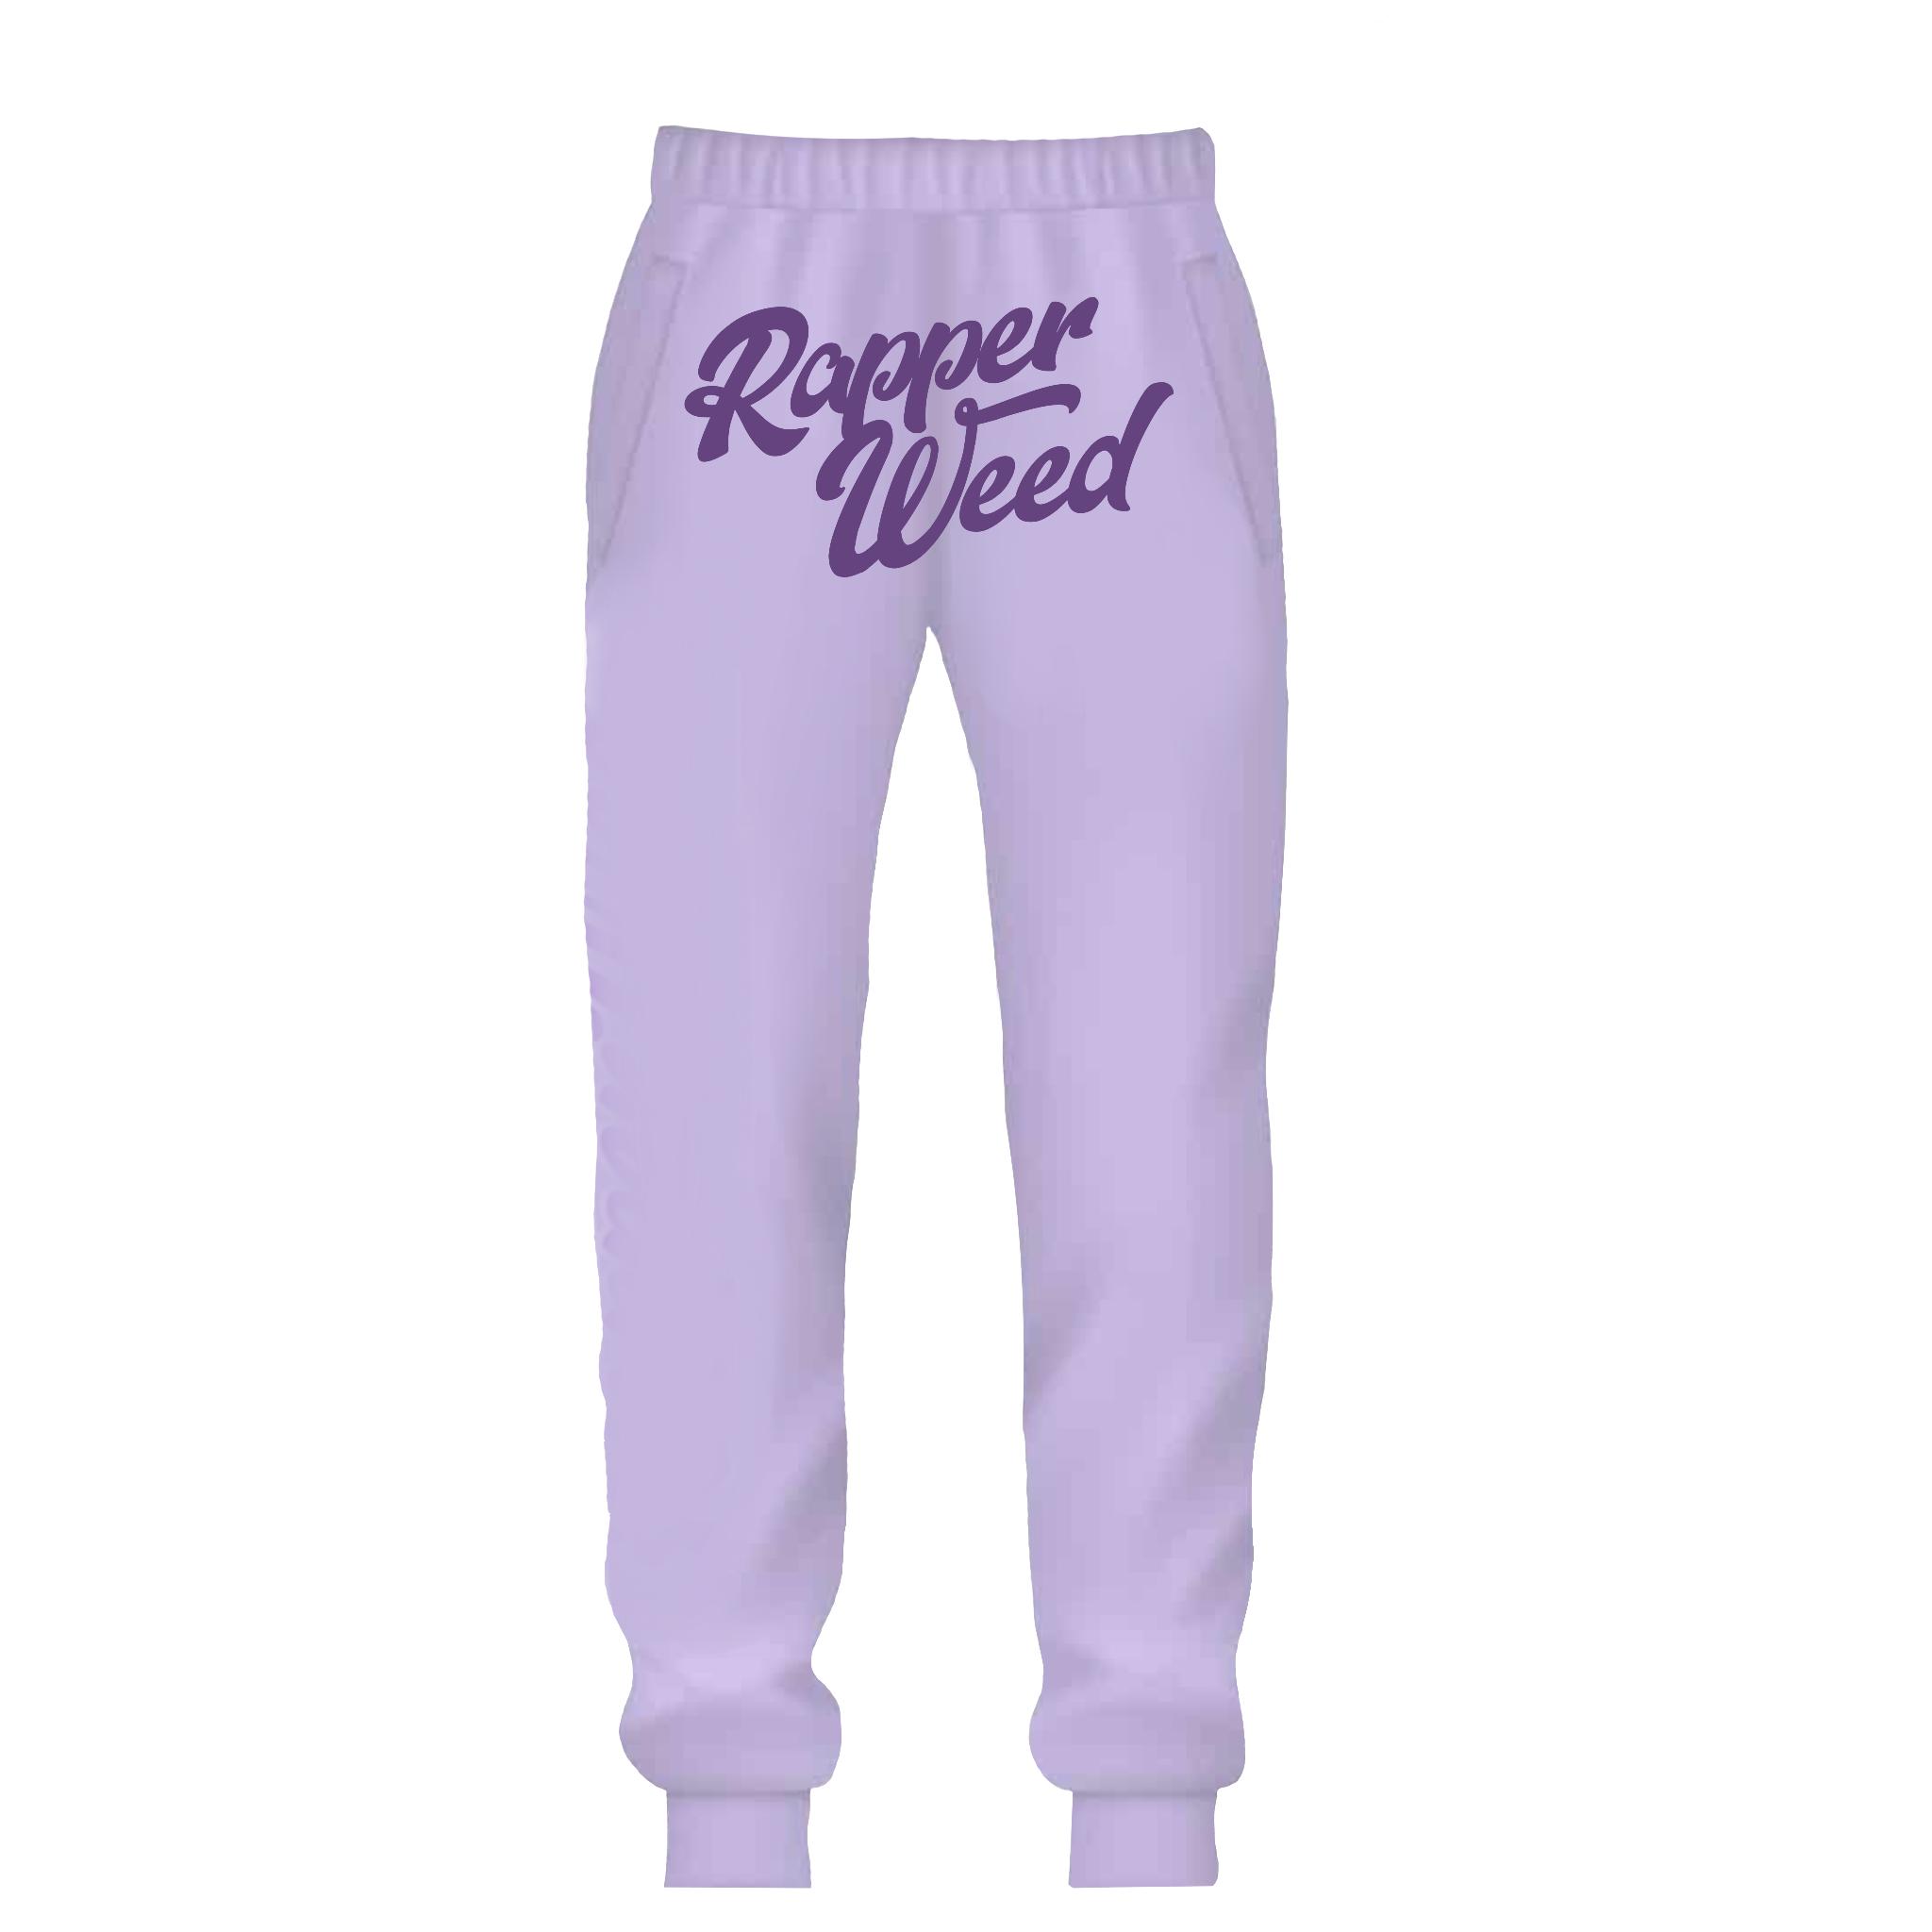 RW Vintage Embroidered Sweatpants